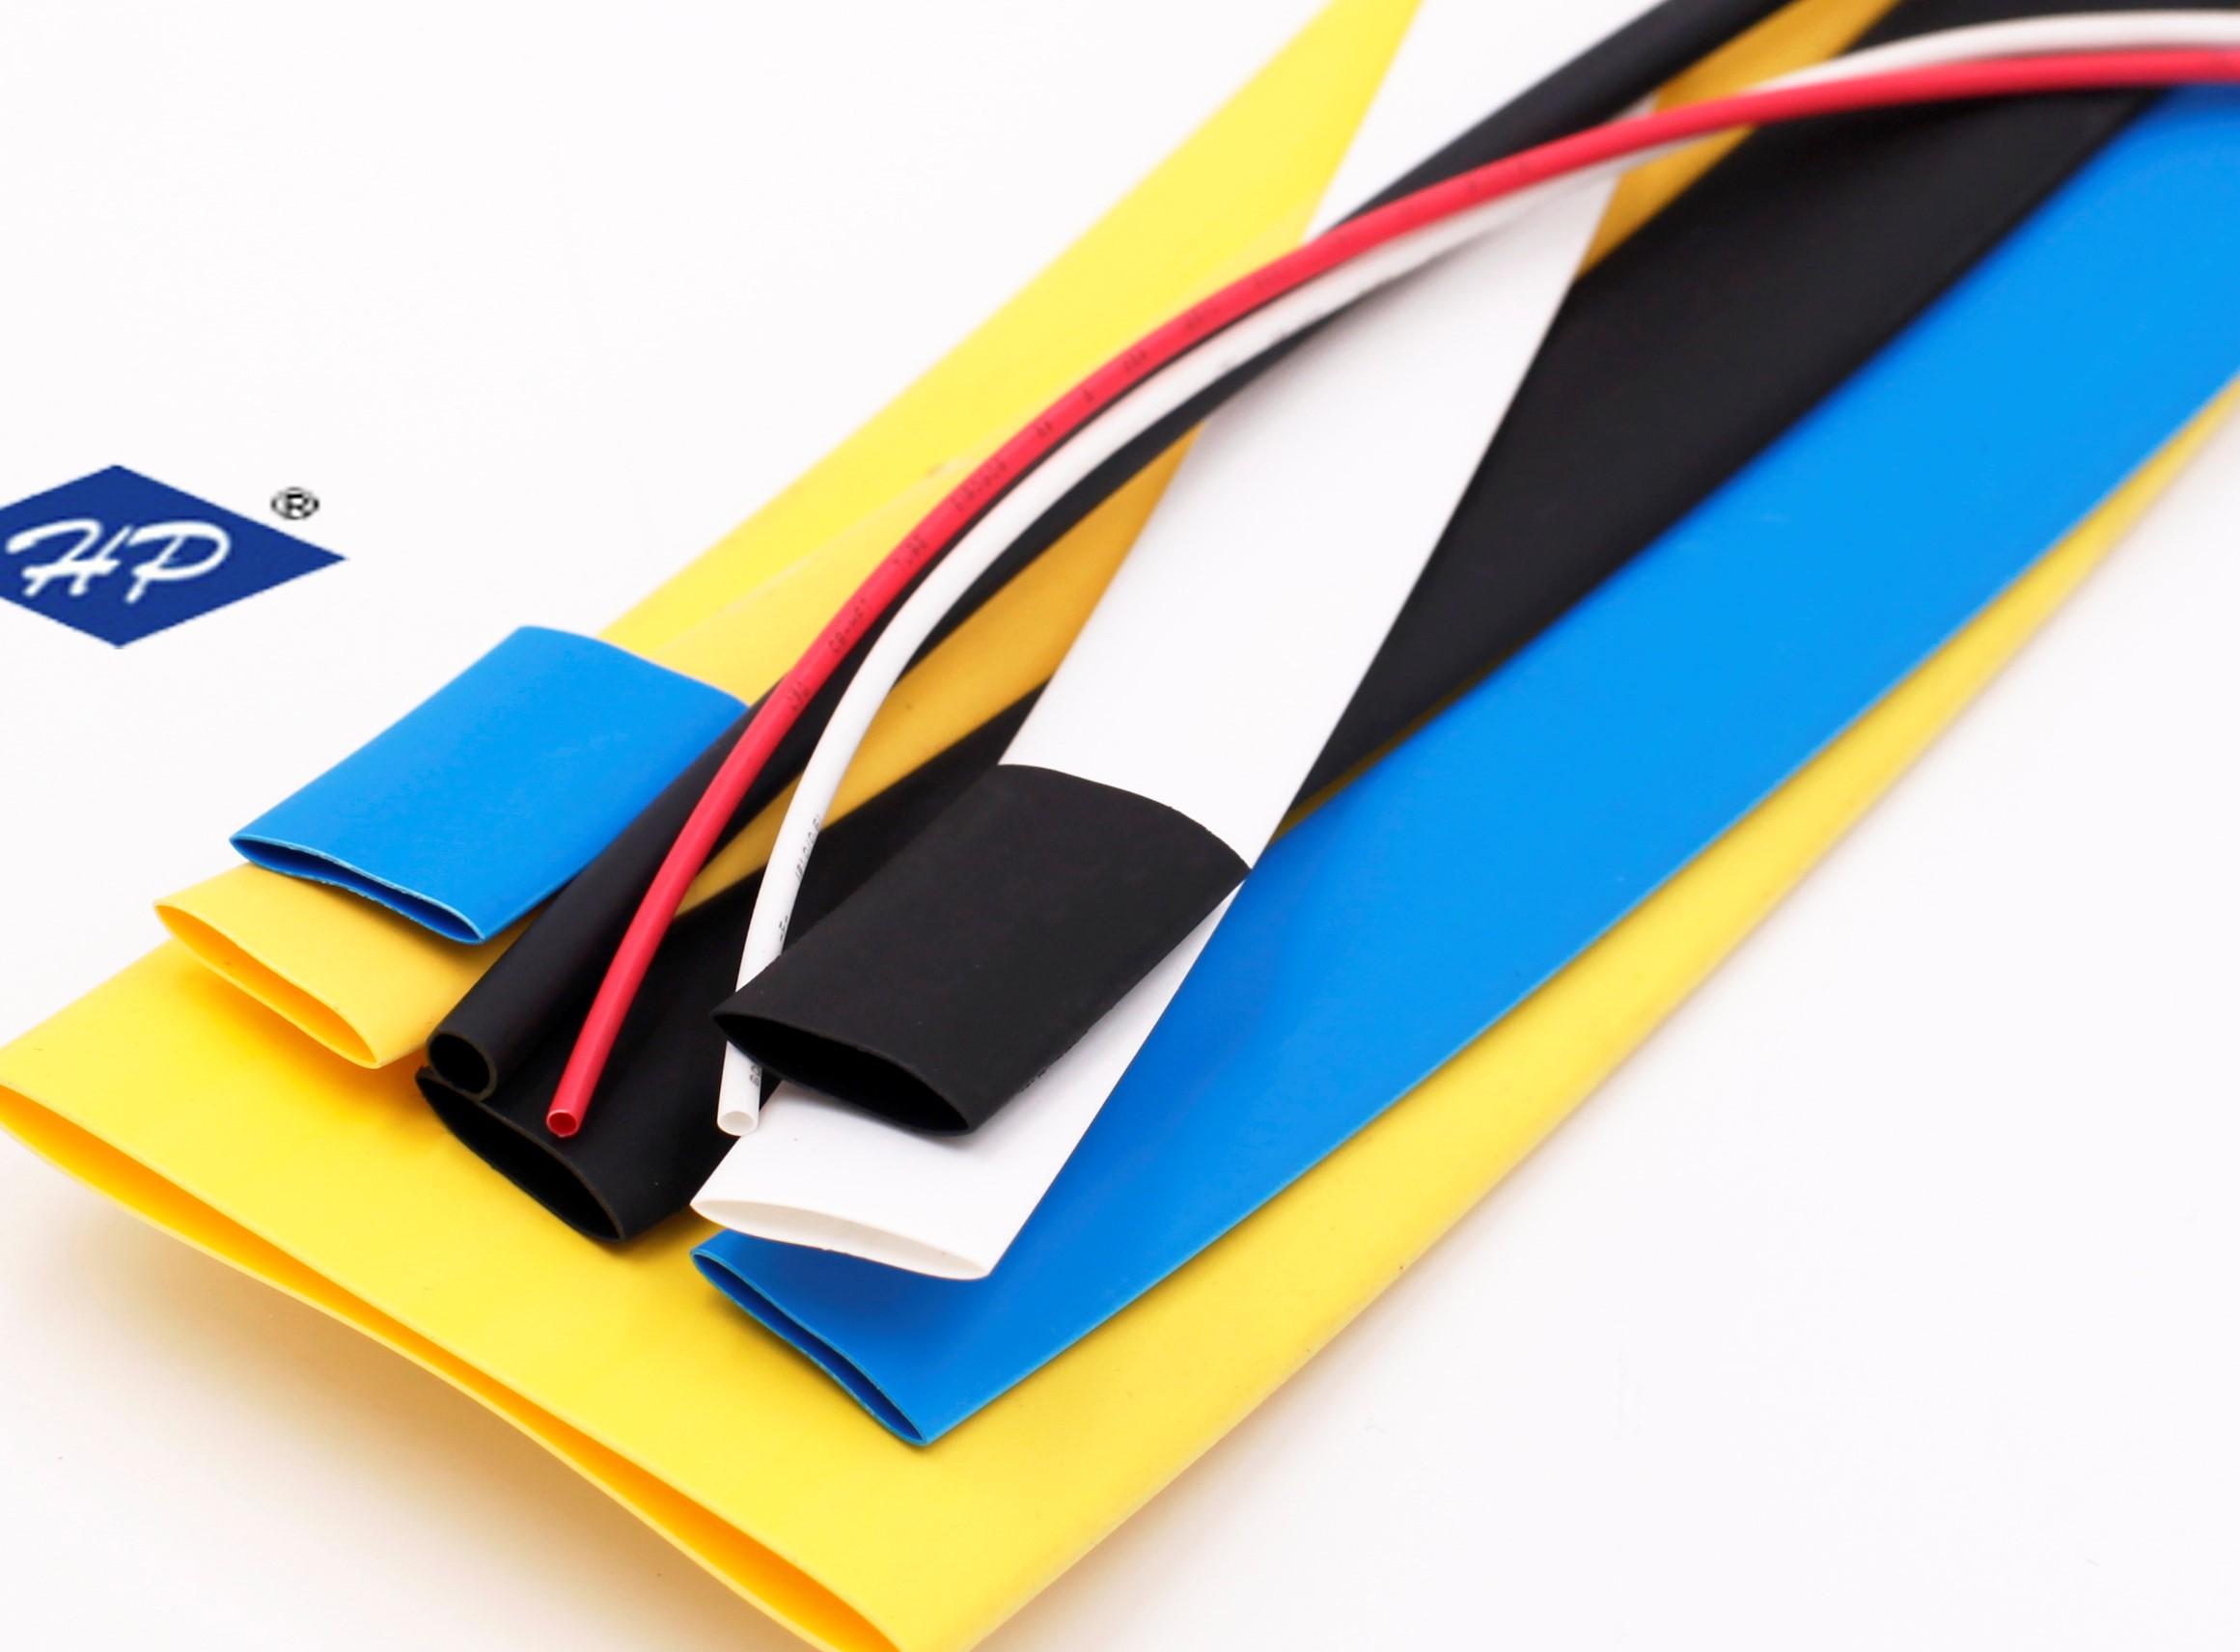 供应PE热缩套管,铁氟龙热缩套管,硅胶热缩套管